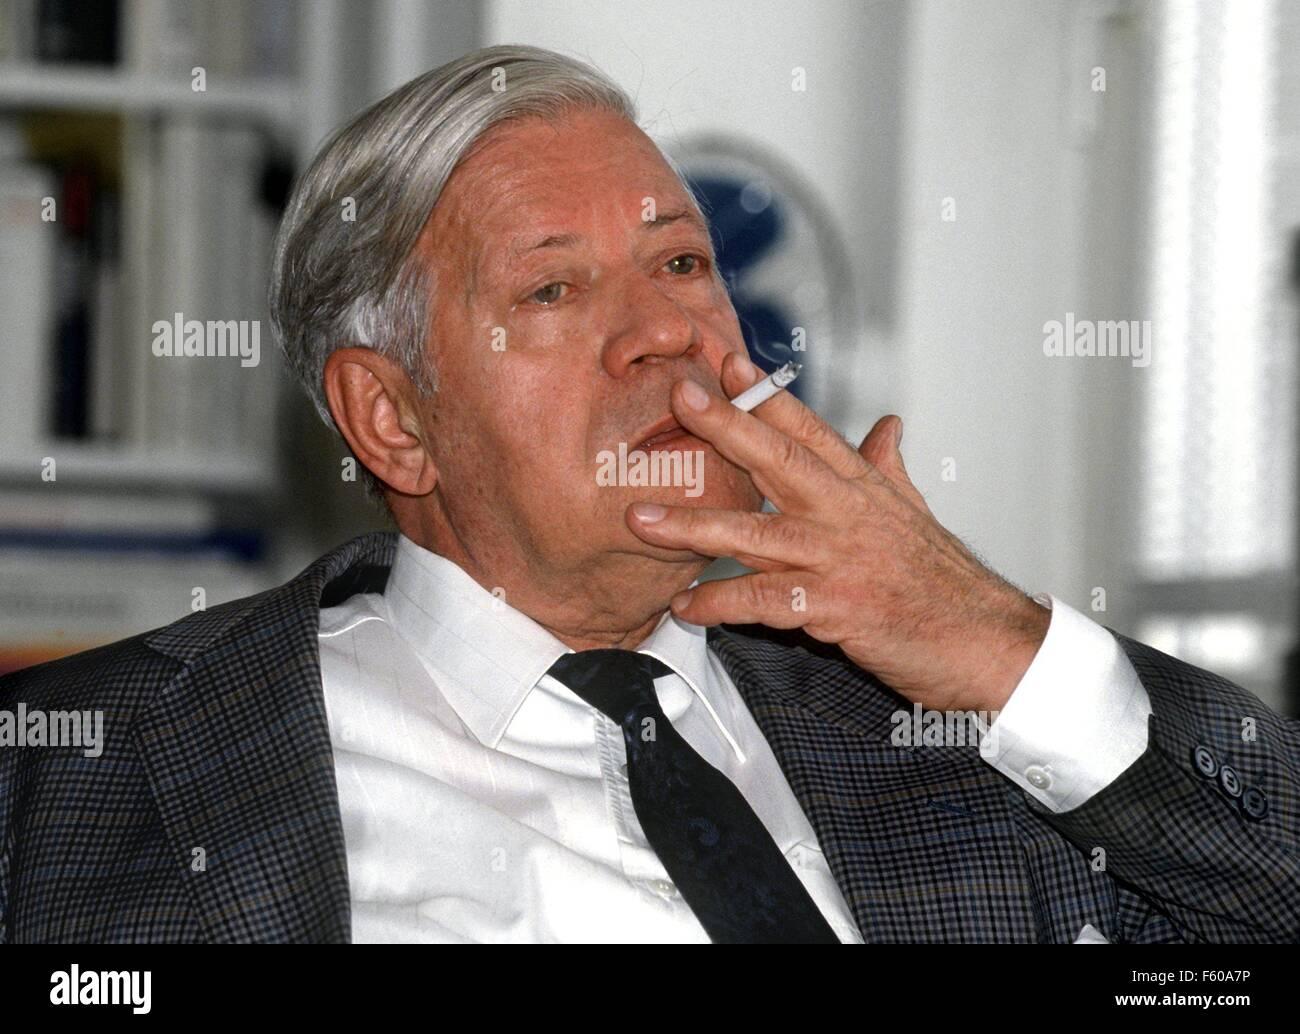 El ex canciller y co-editor de 'Die Zeit' Helmut Schmidt (imagen del 13 de marzo de 1995) se convierte en 80 años el 23 de diciembre de 1998. Foto de stock